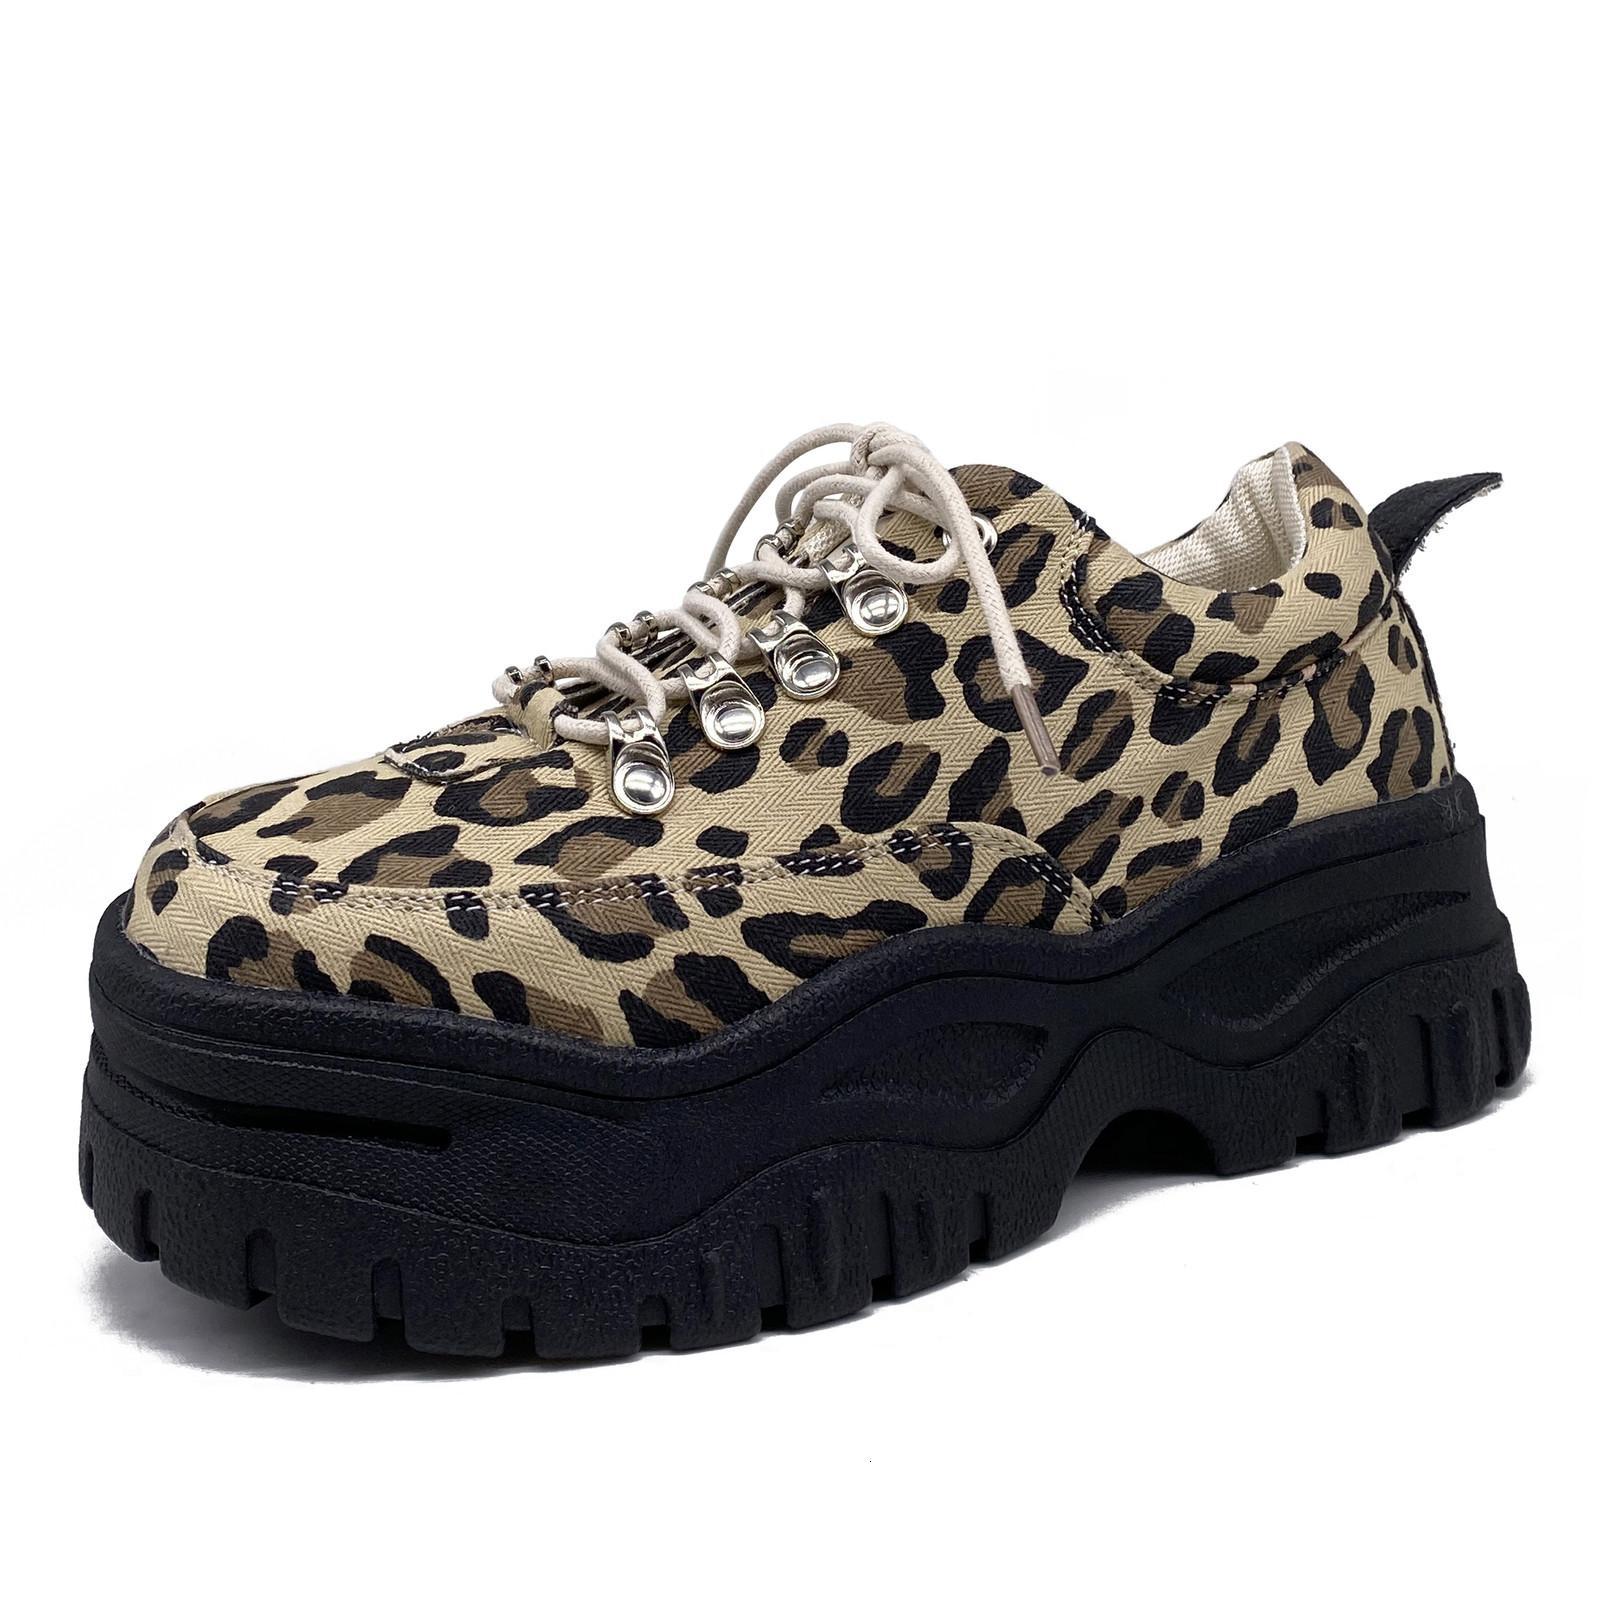 Weibliche plus Samt dicke Sohlen Schuhe 2021 Frühling und lässig Winter All Match Street Trend Erhöhungen in Leopard drucken Knöchelstiefel 0GTD